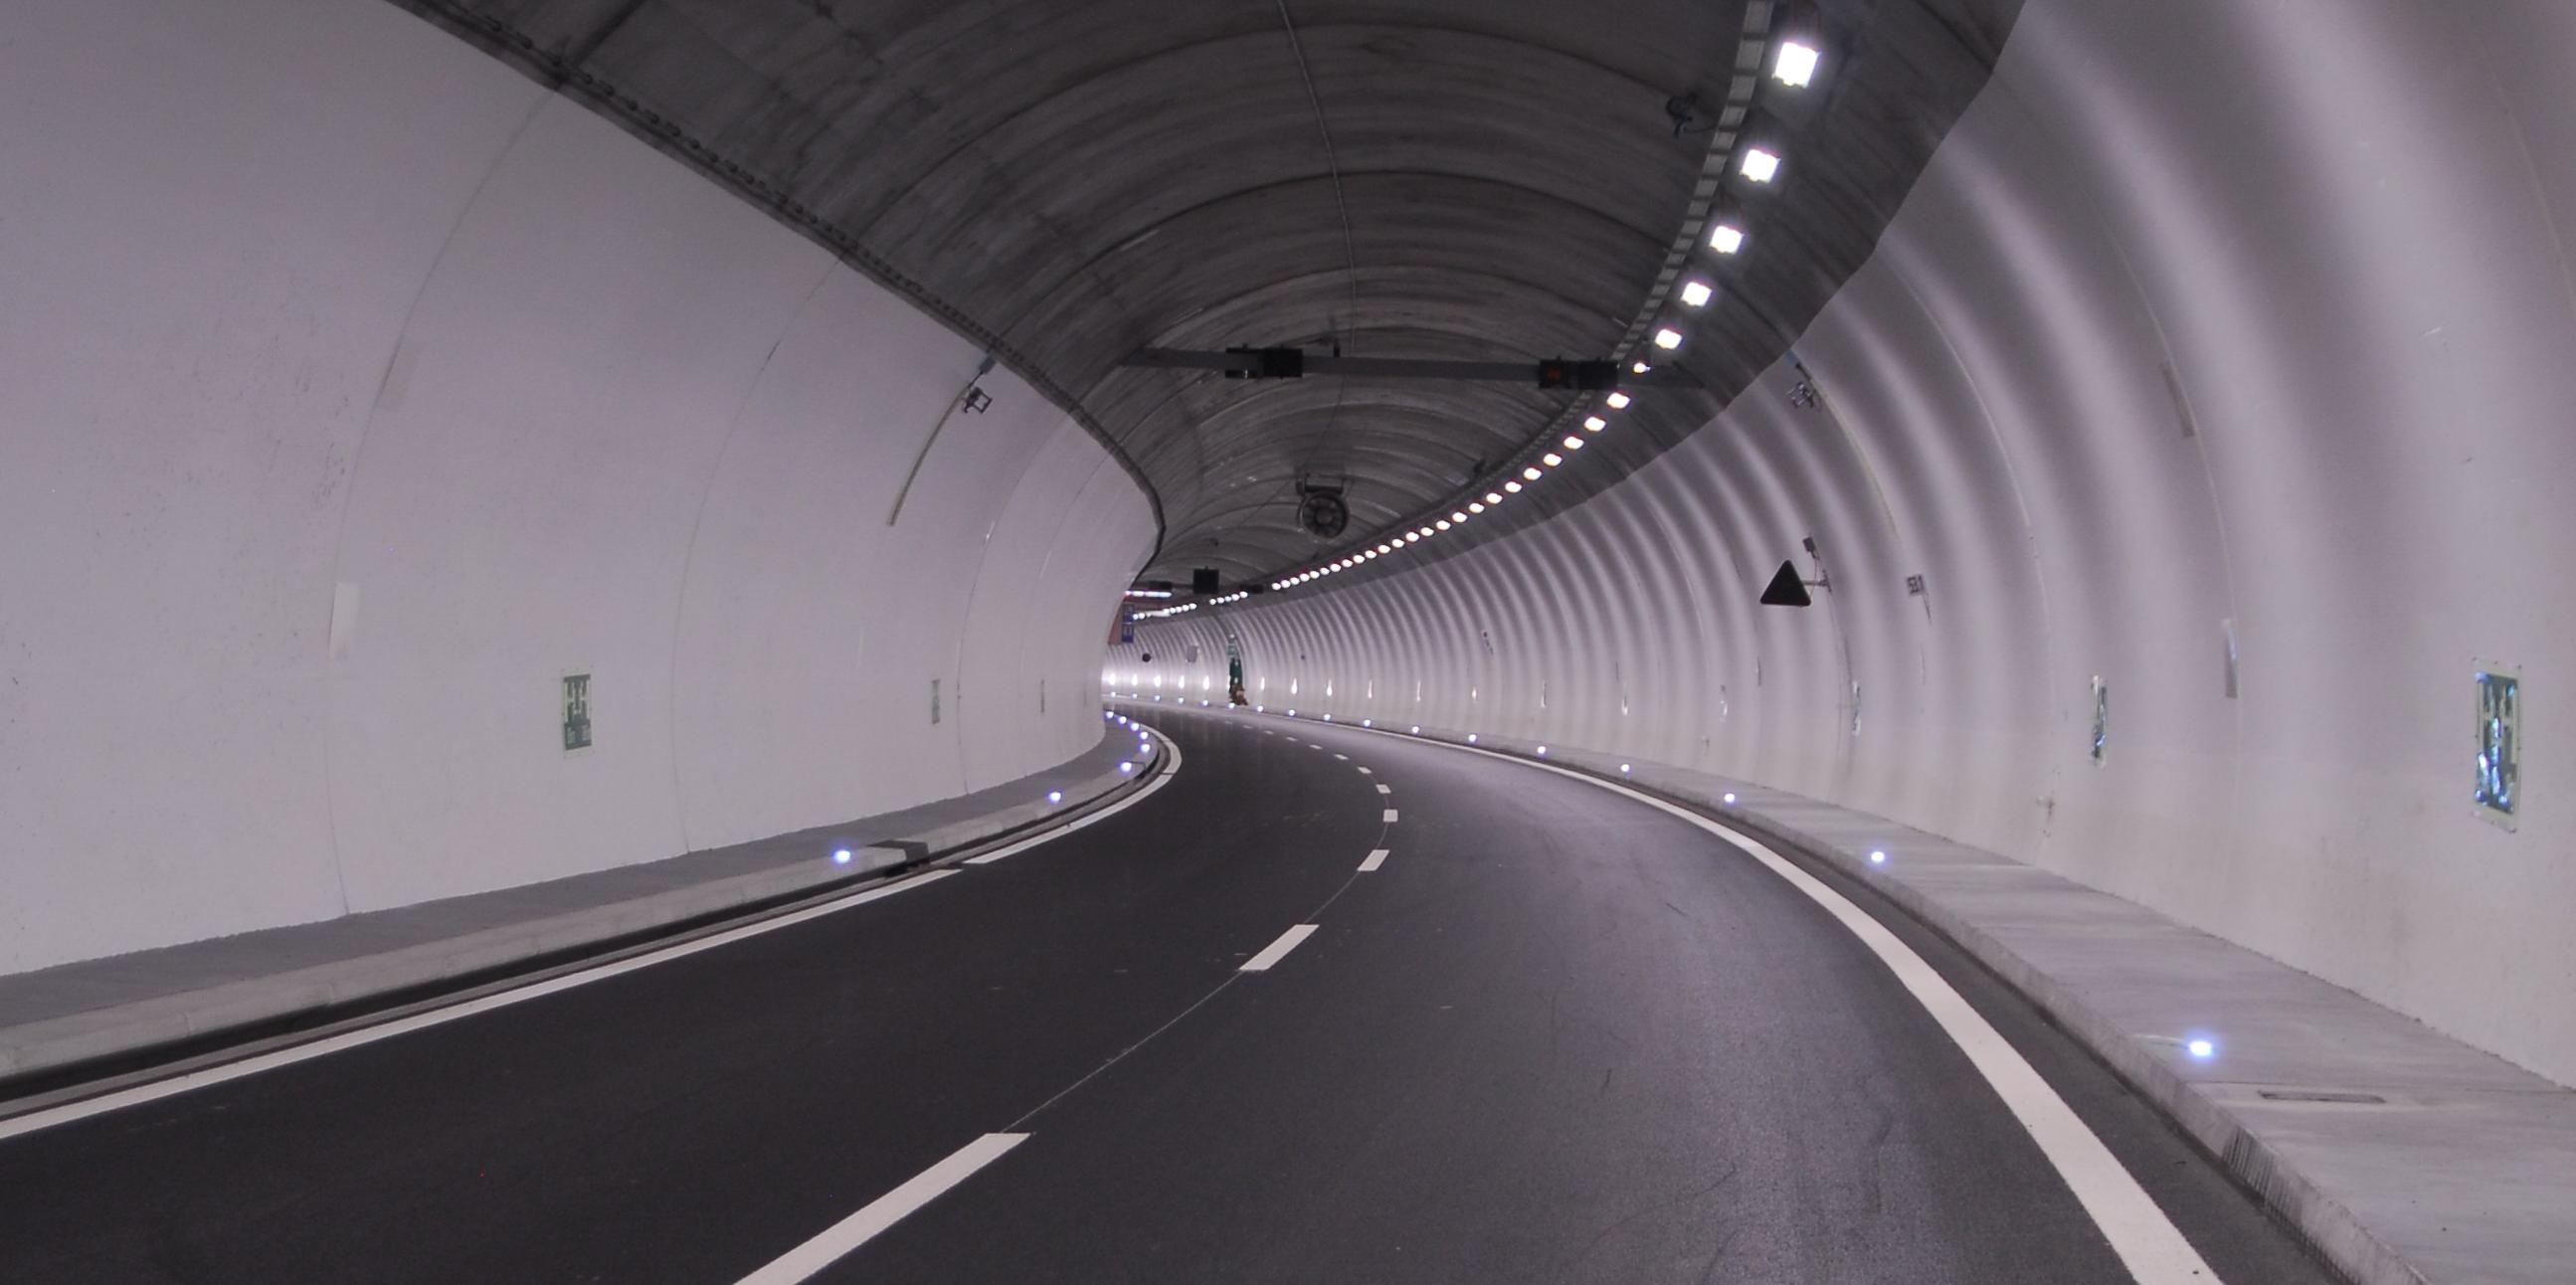 A Land Of Tunnels Eth Zurich